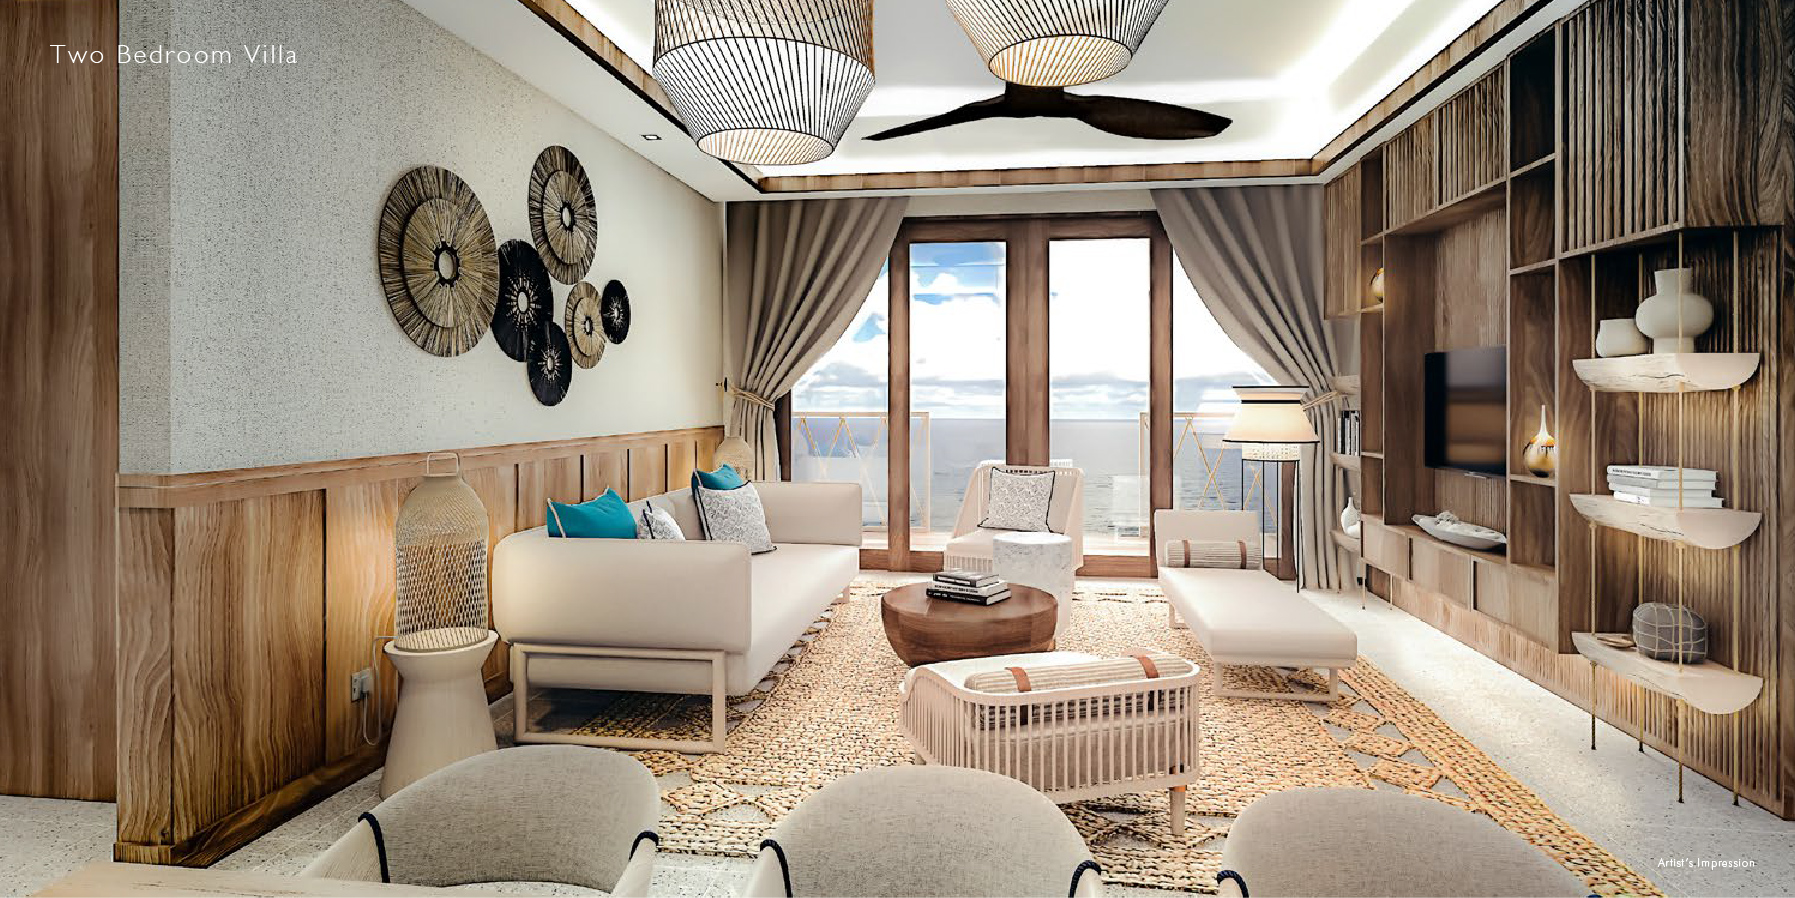 Two Bedroom Villa Type 1, 2 & 3